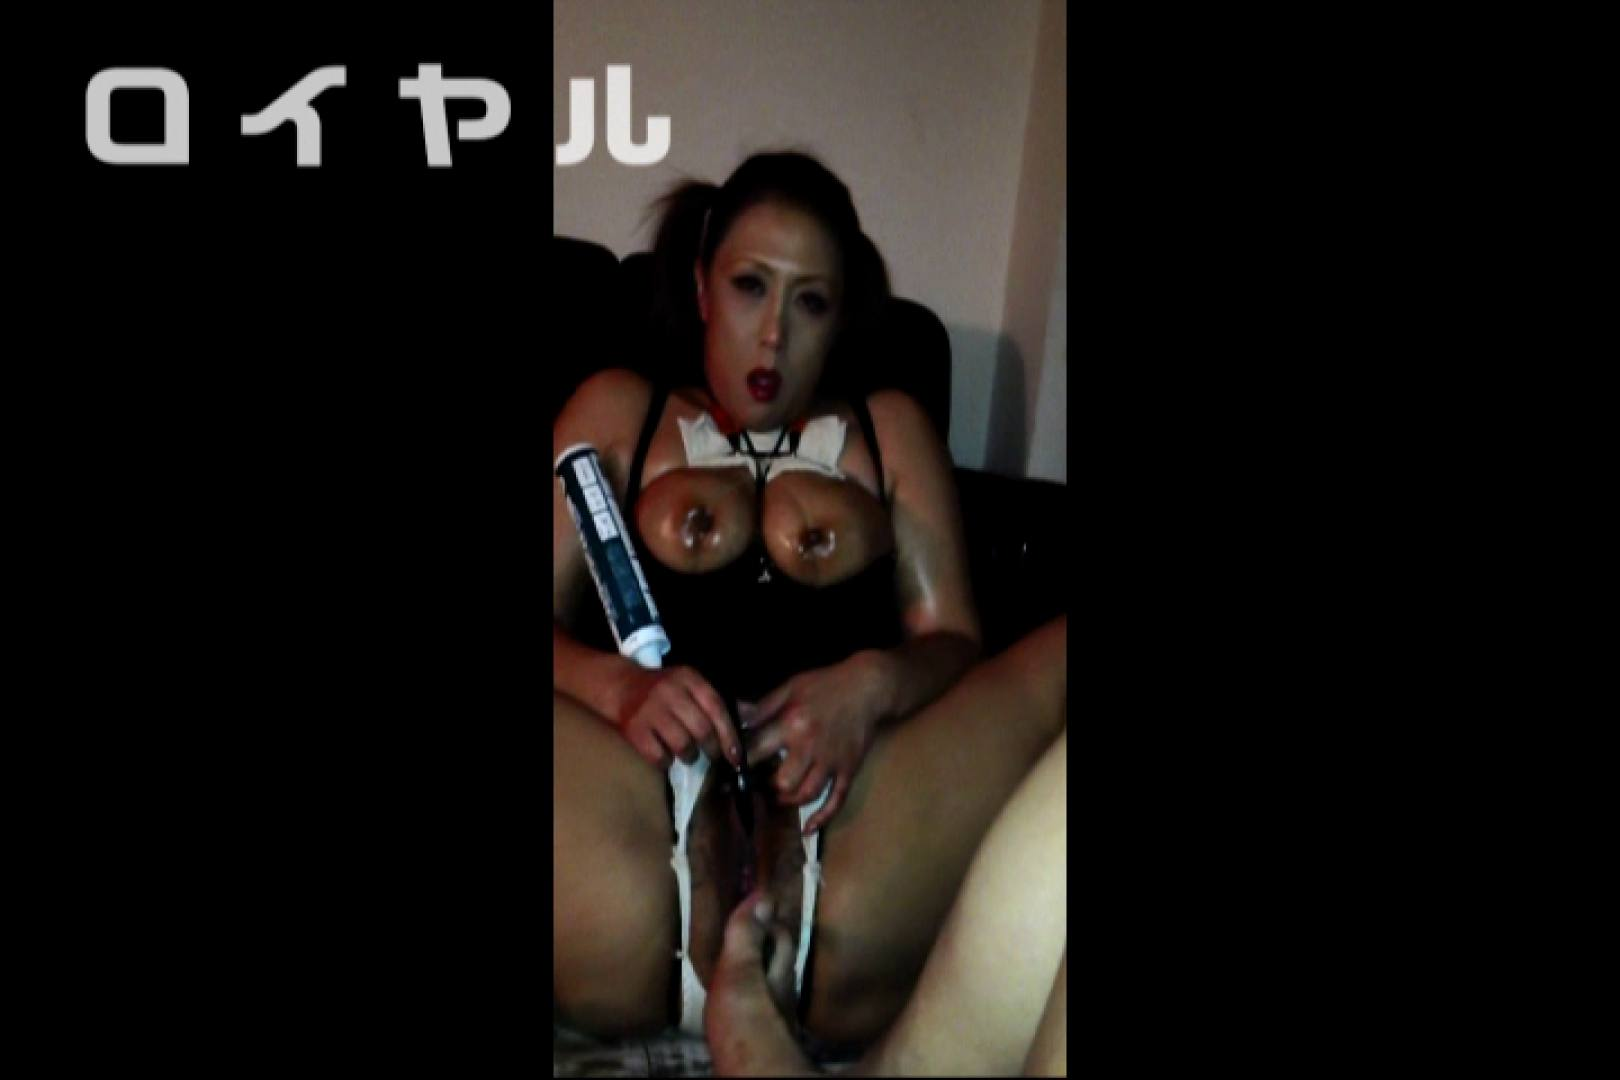 淫蝕寄生虫2 淫乱 スケベ動画紹介 110枚 14